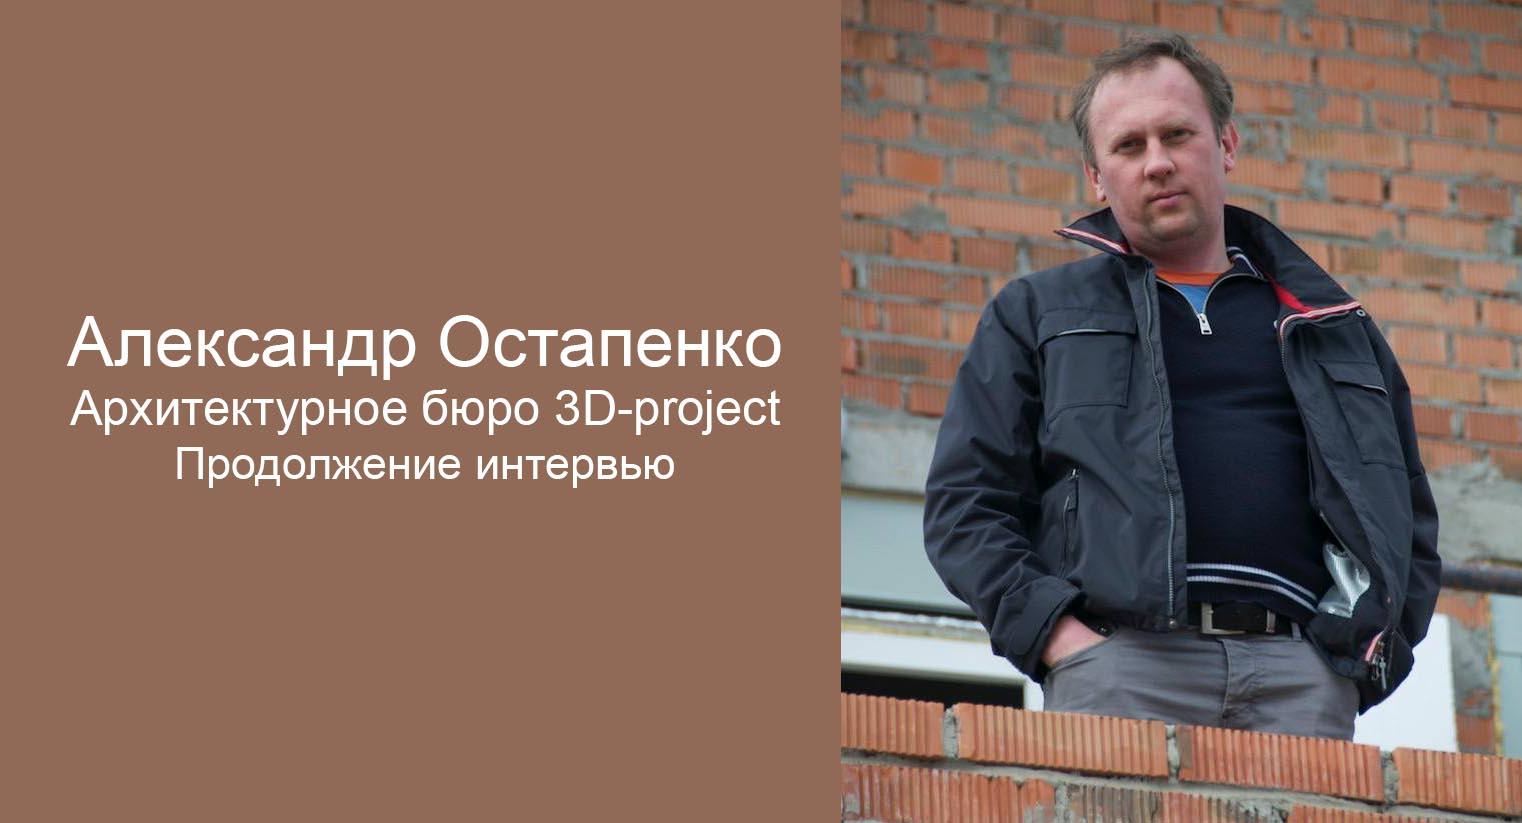 Интервью Александра Остапенко (архитектурное бюро 3D-project) бренду DAVIS CASA. Часть 2